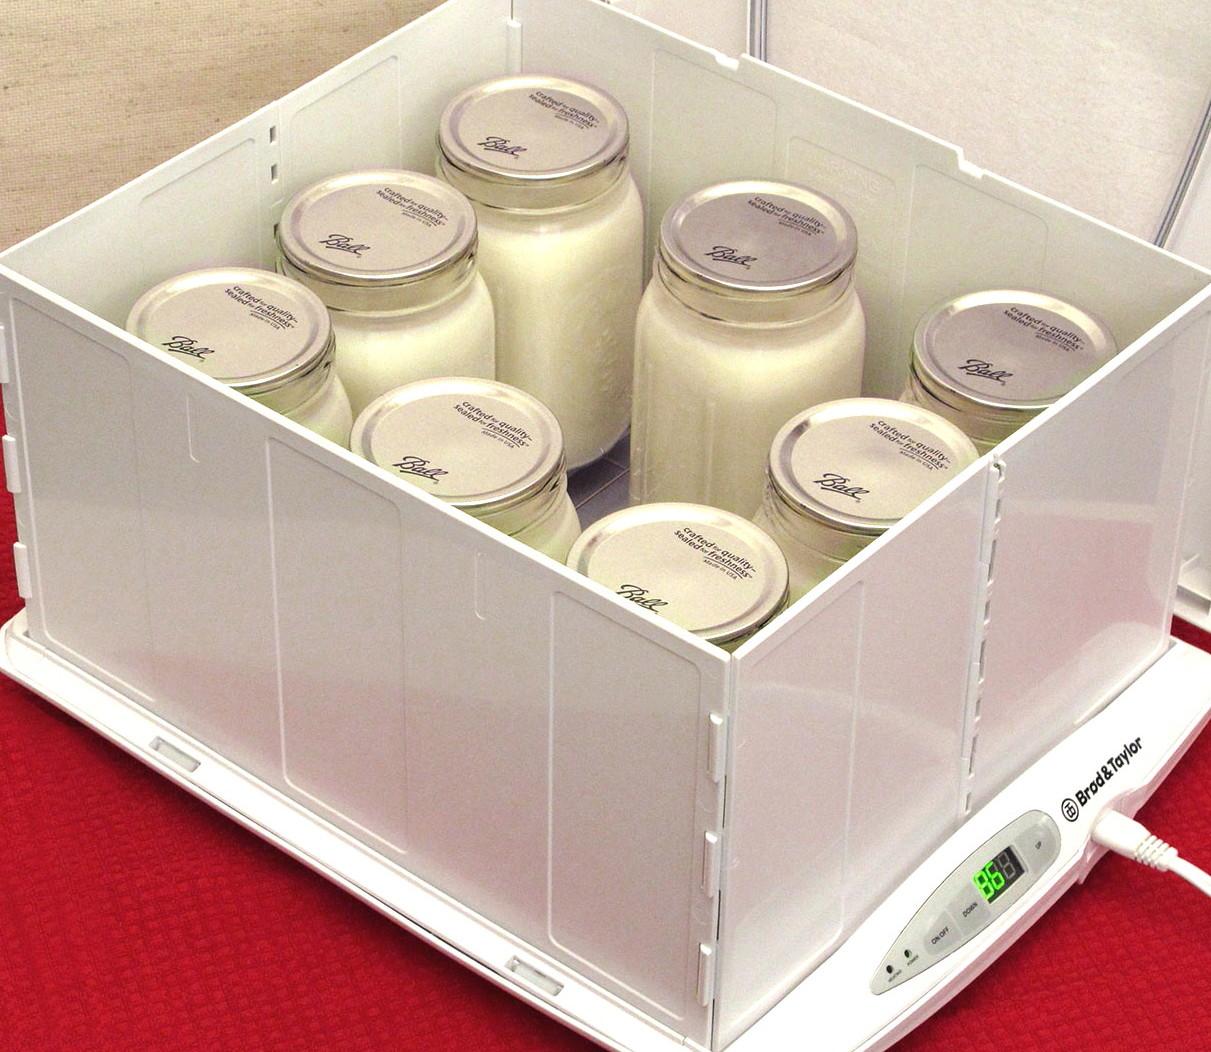 yogurt test photo 5 brighten